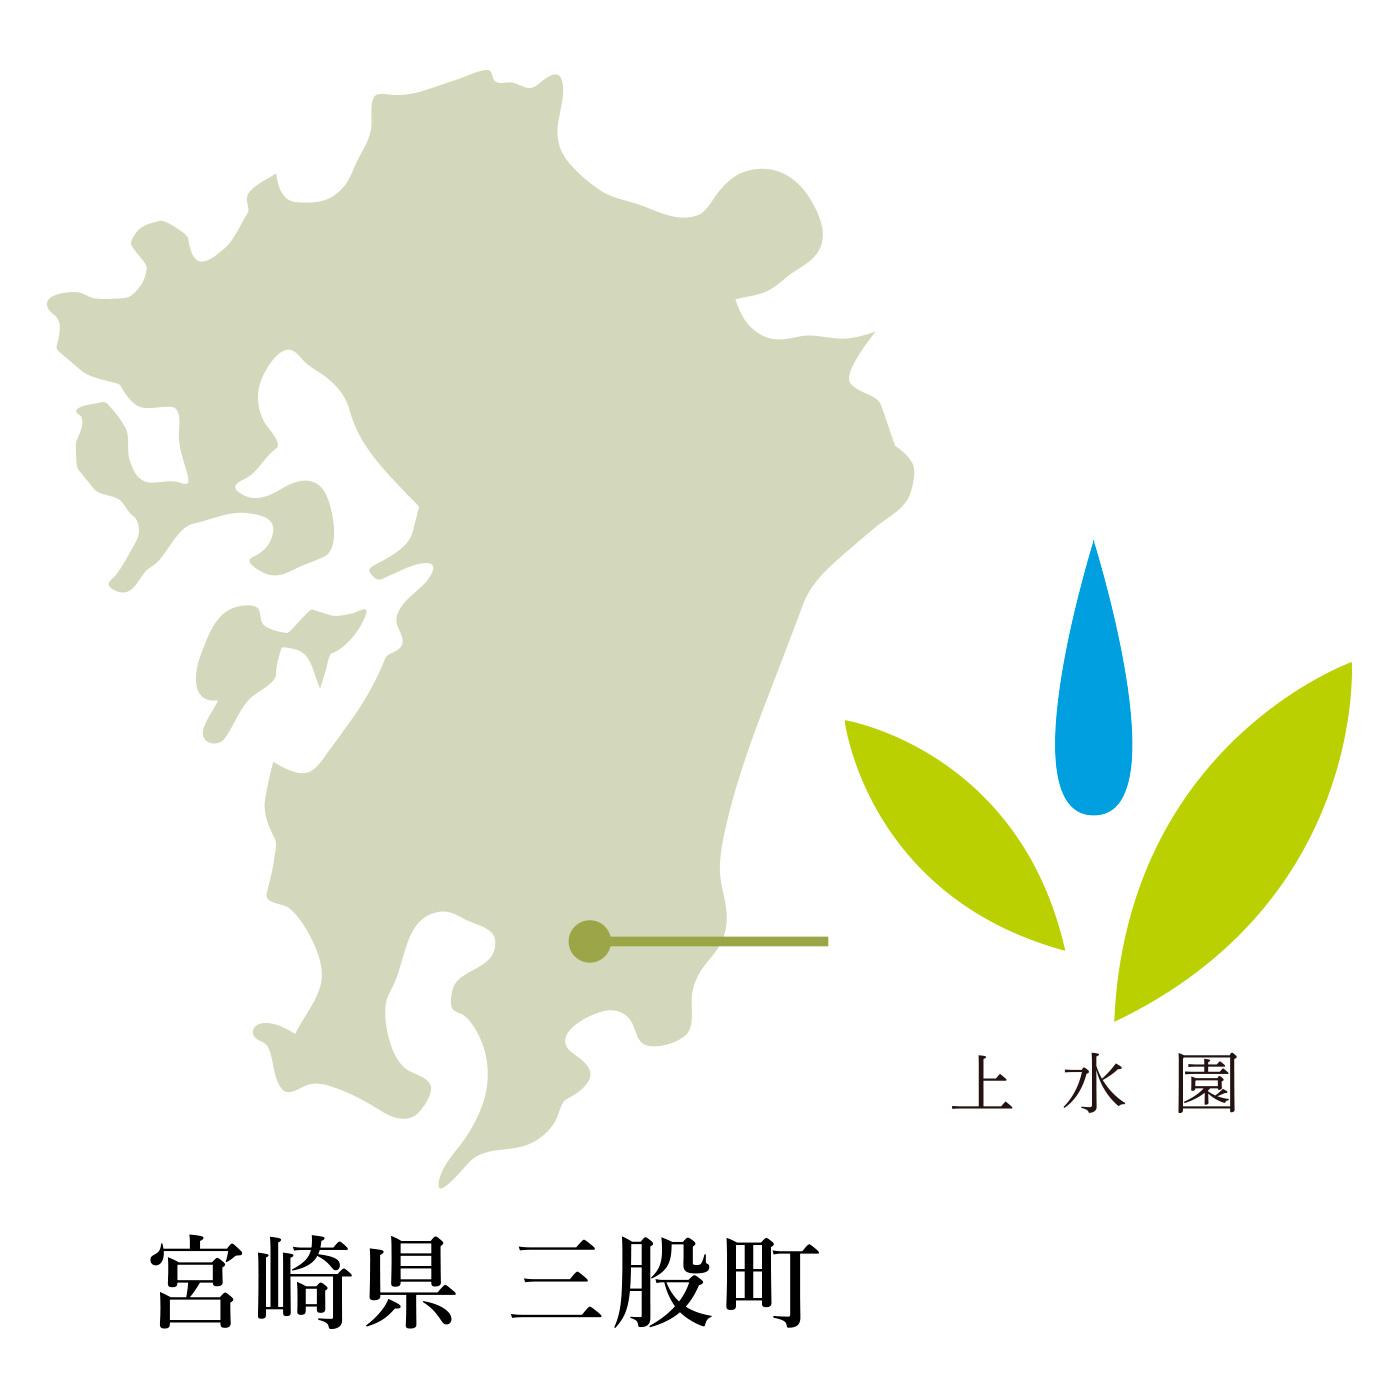 宮崎上水園(かみみずえん) 宮崎上水園は明治29年創業、宮崎県三股町にあります。寒暖差のある山間や盆地にある自家茶園で栽培した茶葉を100%使用し、栽培・加工・販売まですべて自分たちで。誠実なお茶づくりが愛され続けています。